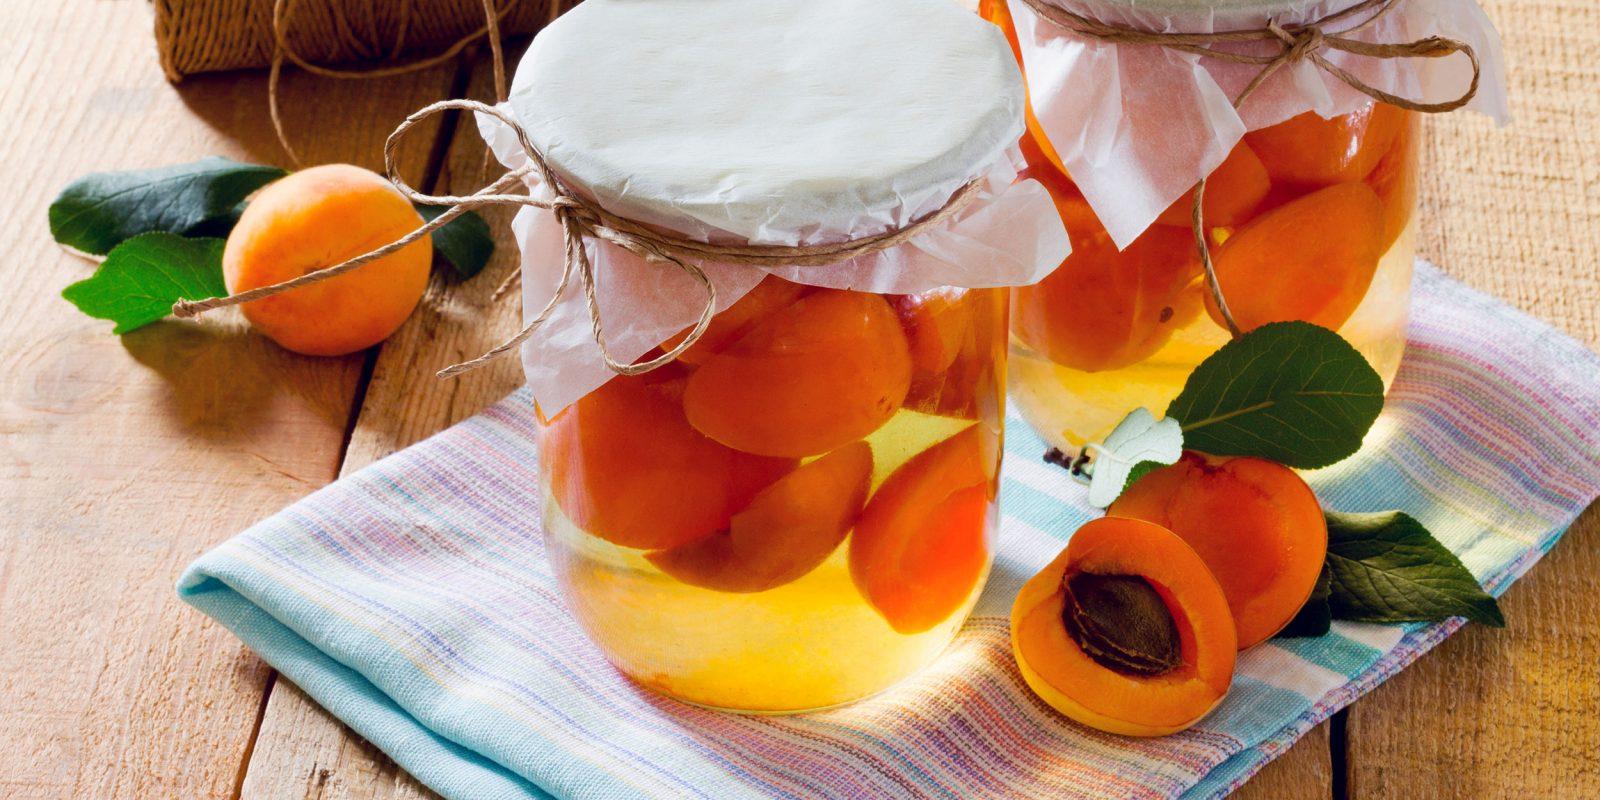 Как хранить сухофрукты, чтобы они не испортились. как правильно хранить сушеные фрукты